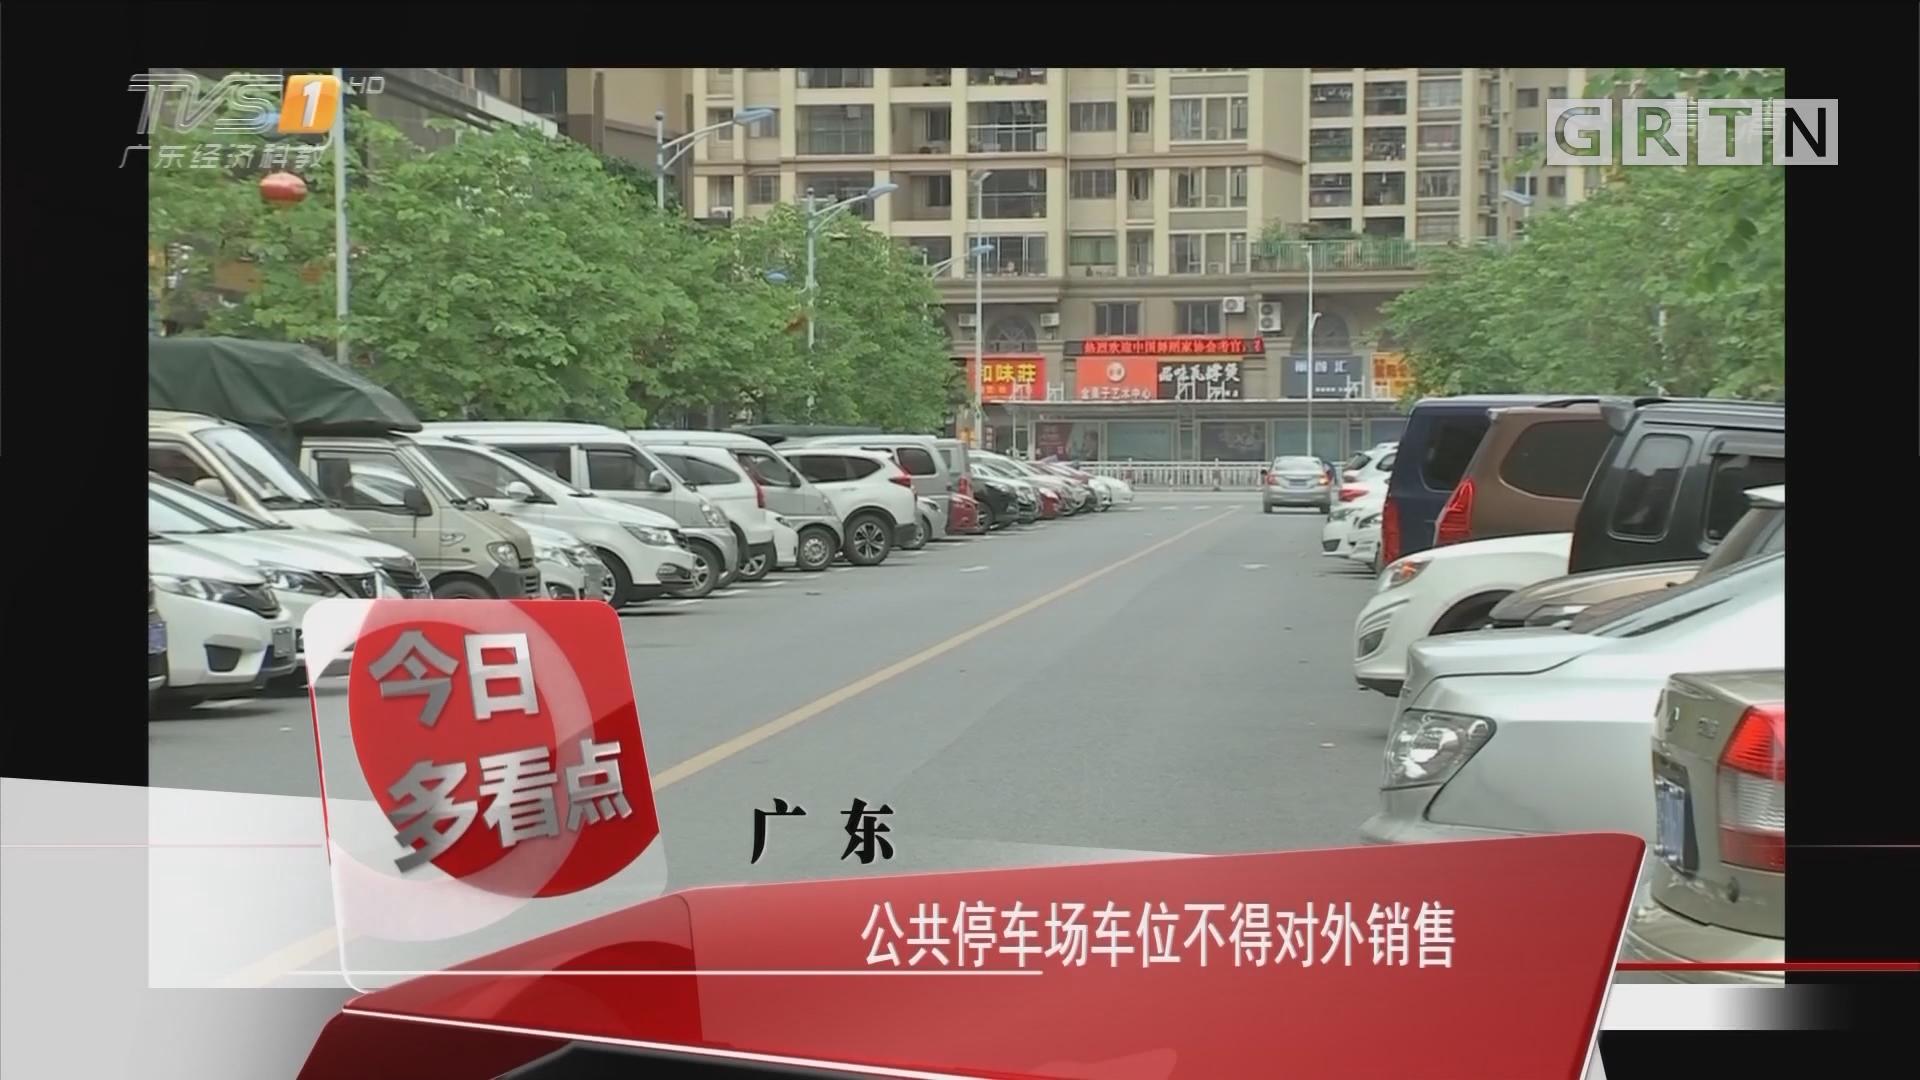 广东:公共停车场车位不得对外销售